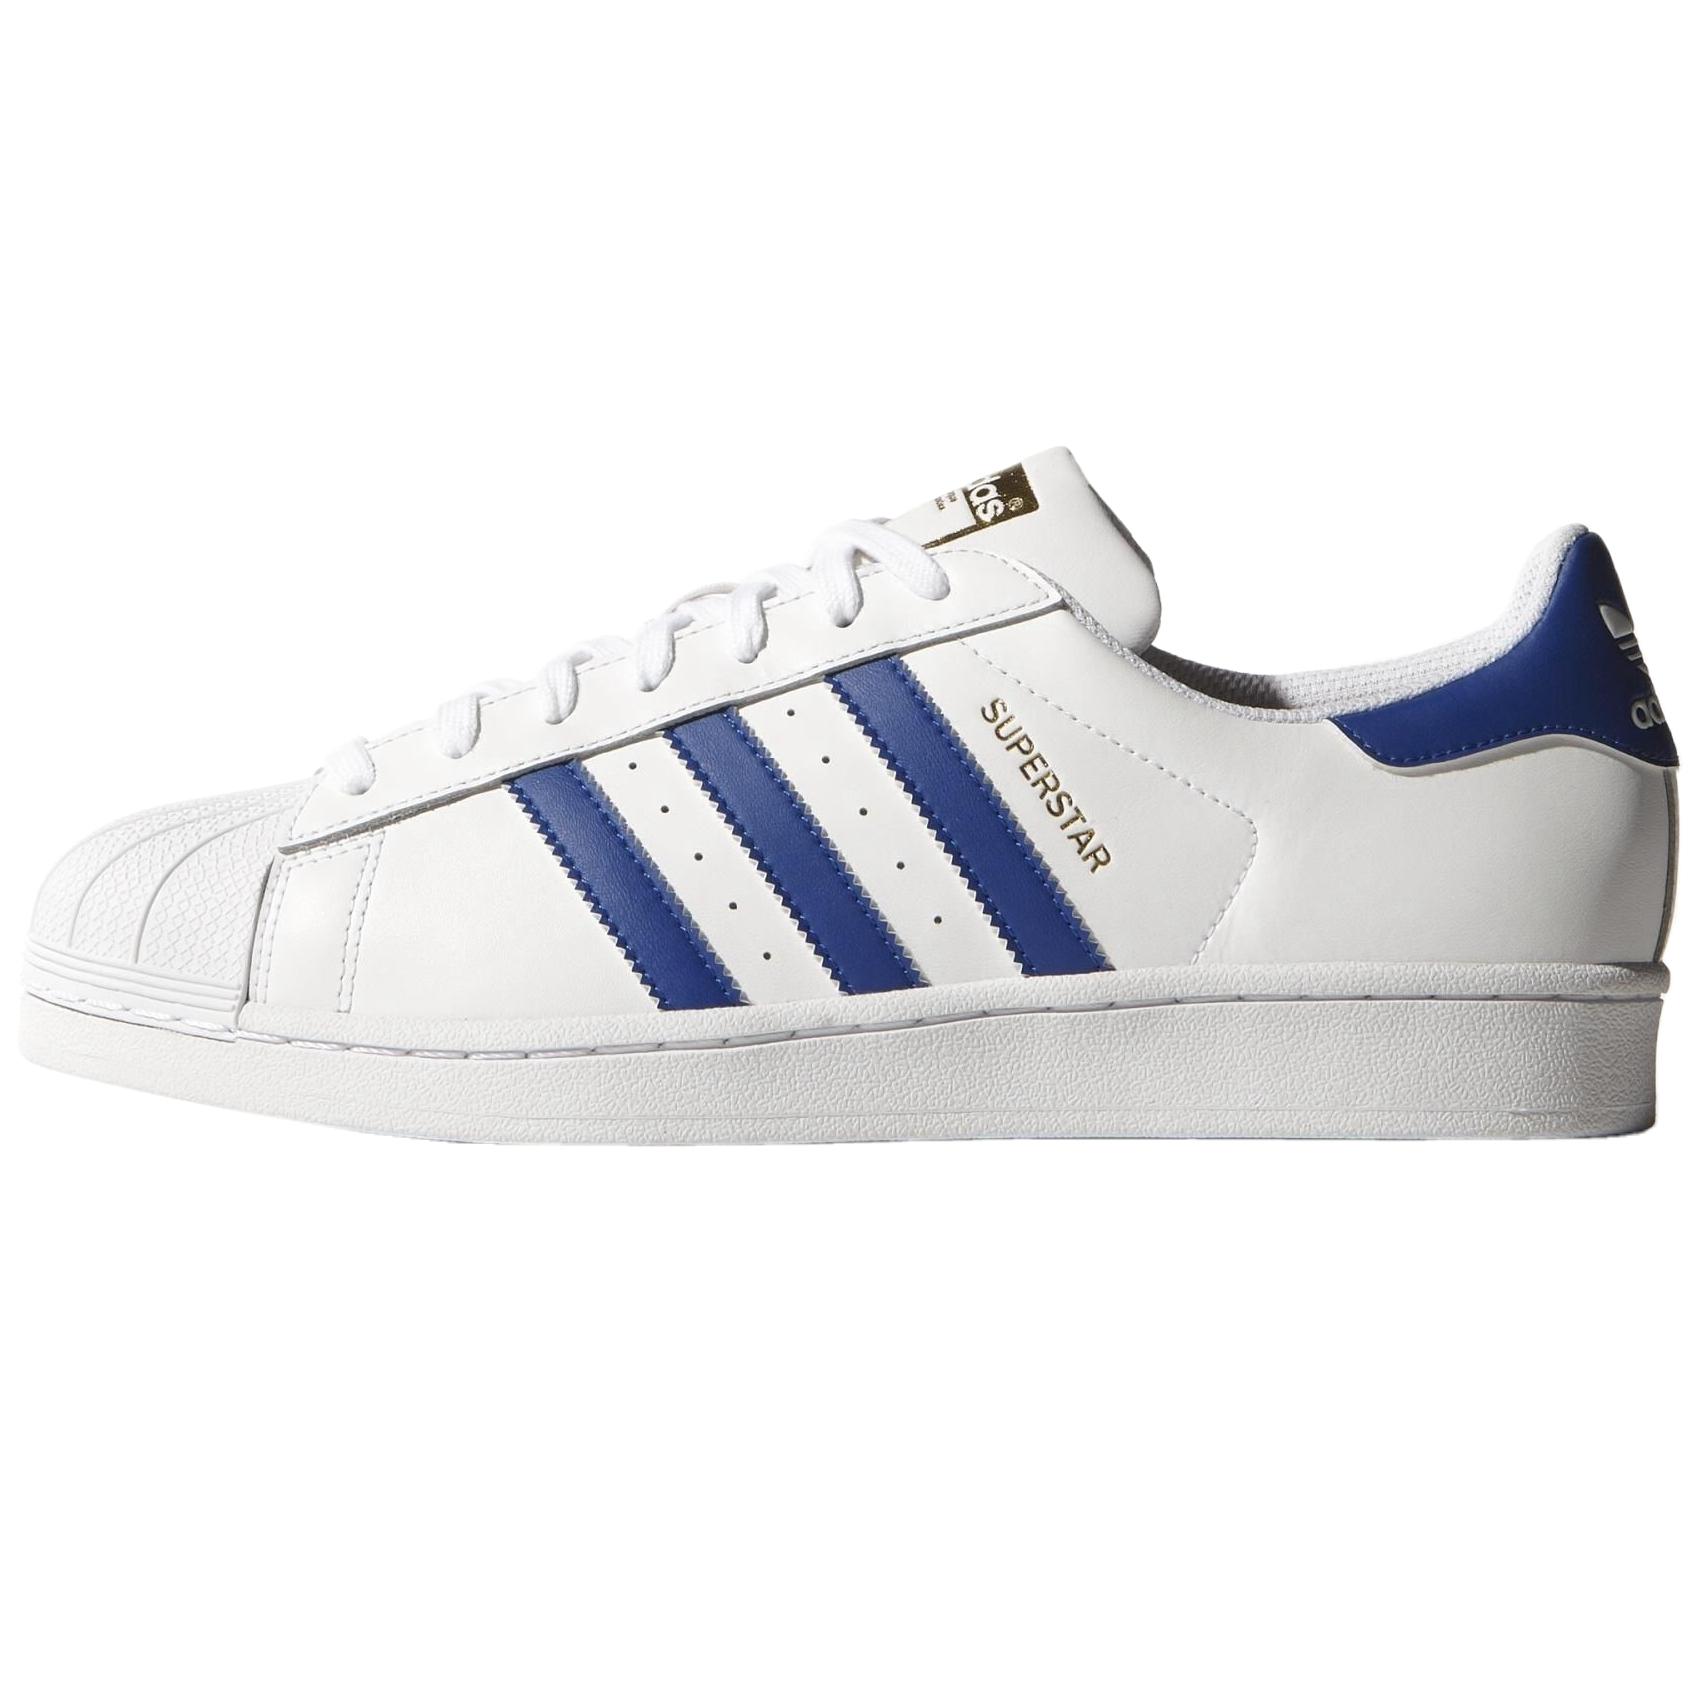 pretty nice 4919c 54839 ... ADIDAS ORIGINALS superstar Foundation zapatos zapatillas zapatillas de deporte  caballero mujer ...